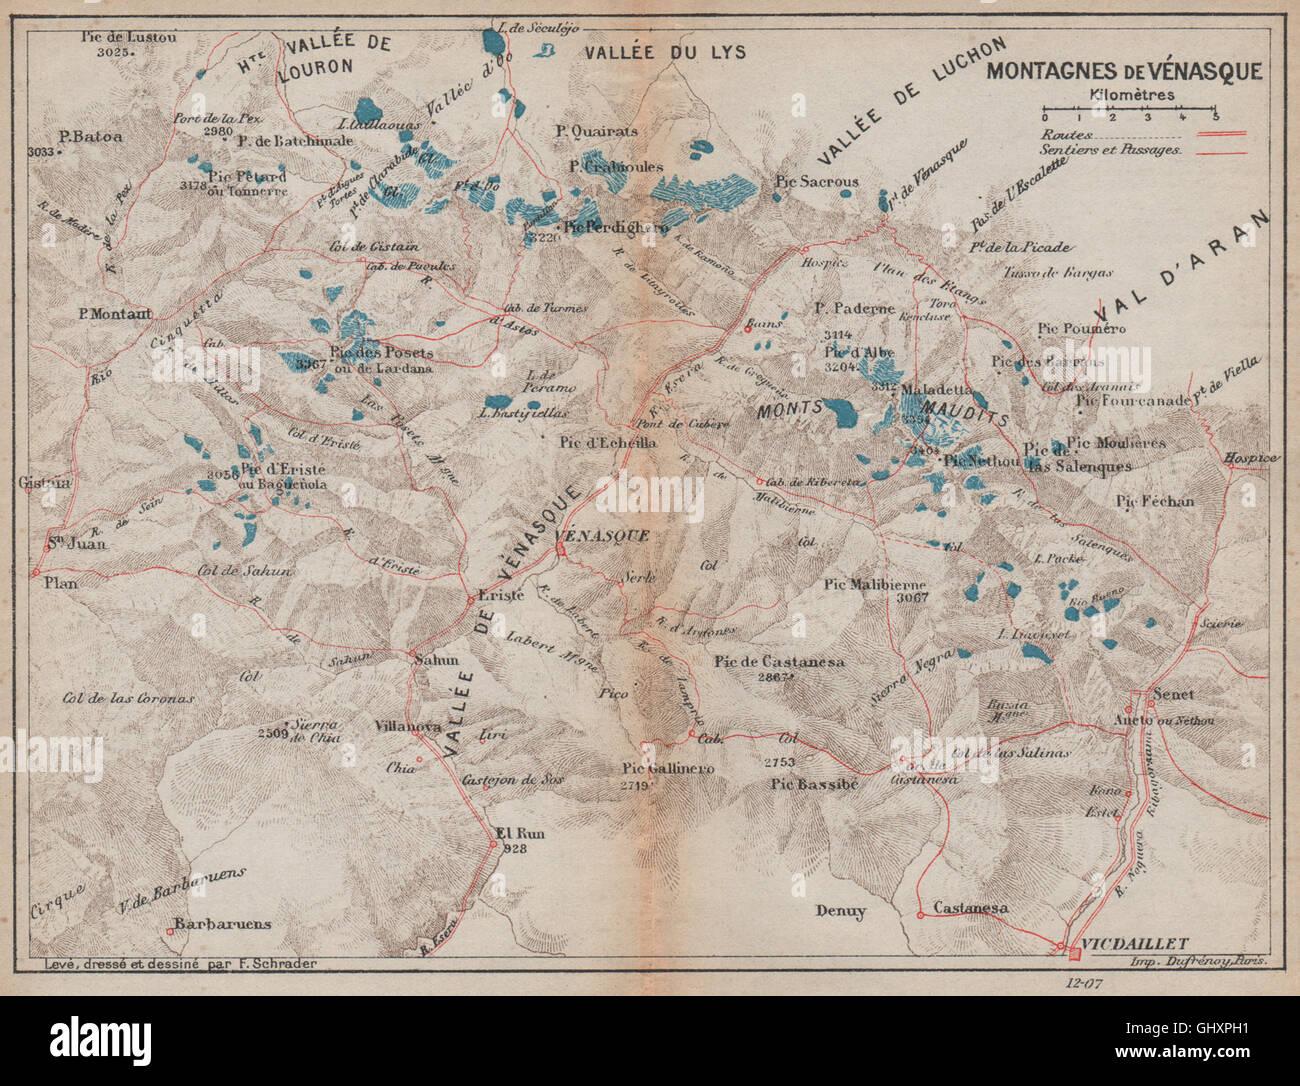 Mapa De Los Pirineos.Valle De Benasque Montagnes De Venasca Vintage Mapa De